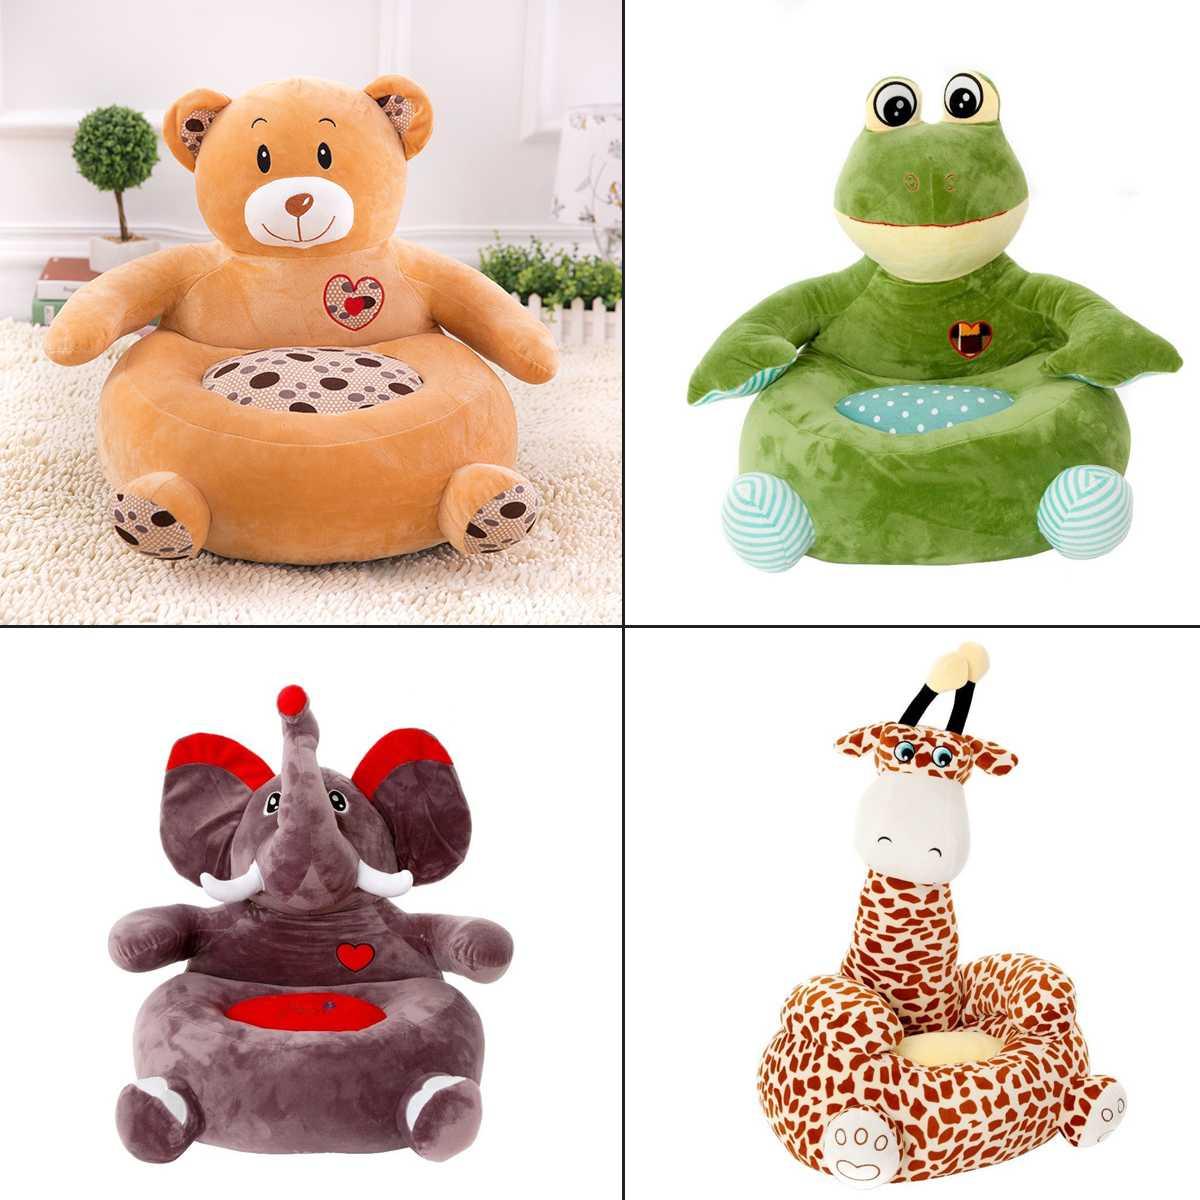 Dessin animé animaux mignon enfant siège PP coton peluche doux bébé infantile canapé bébé enfant en bas âge fauteuil pépinière meubles enfants doux jouets